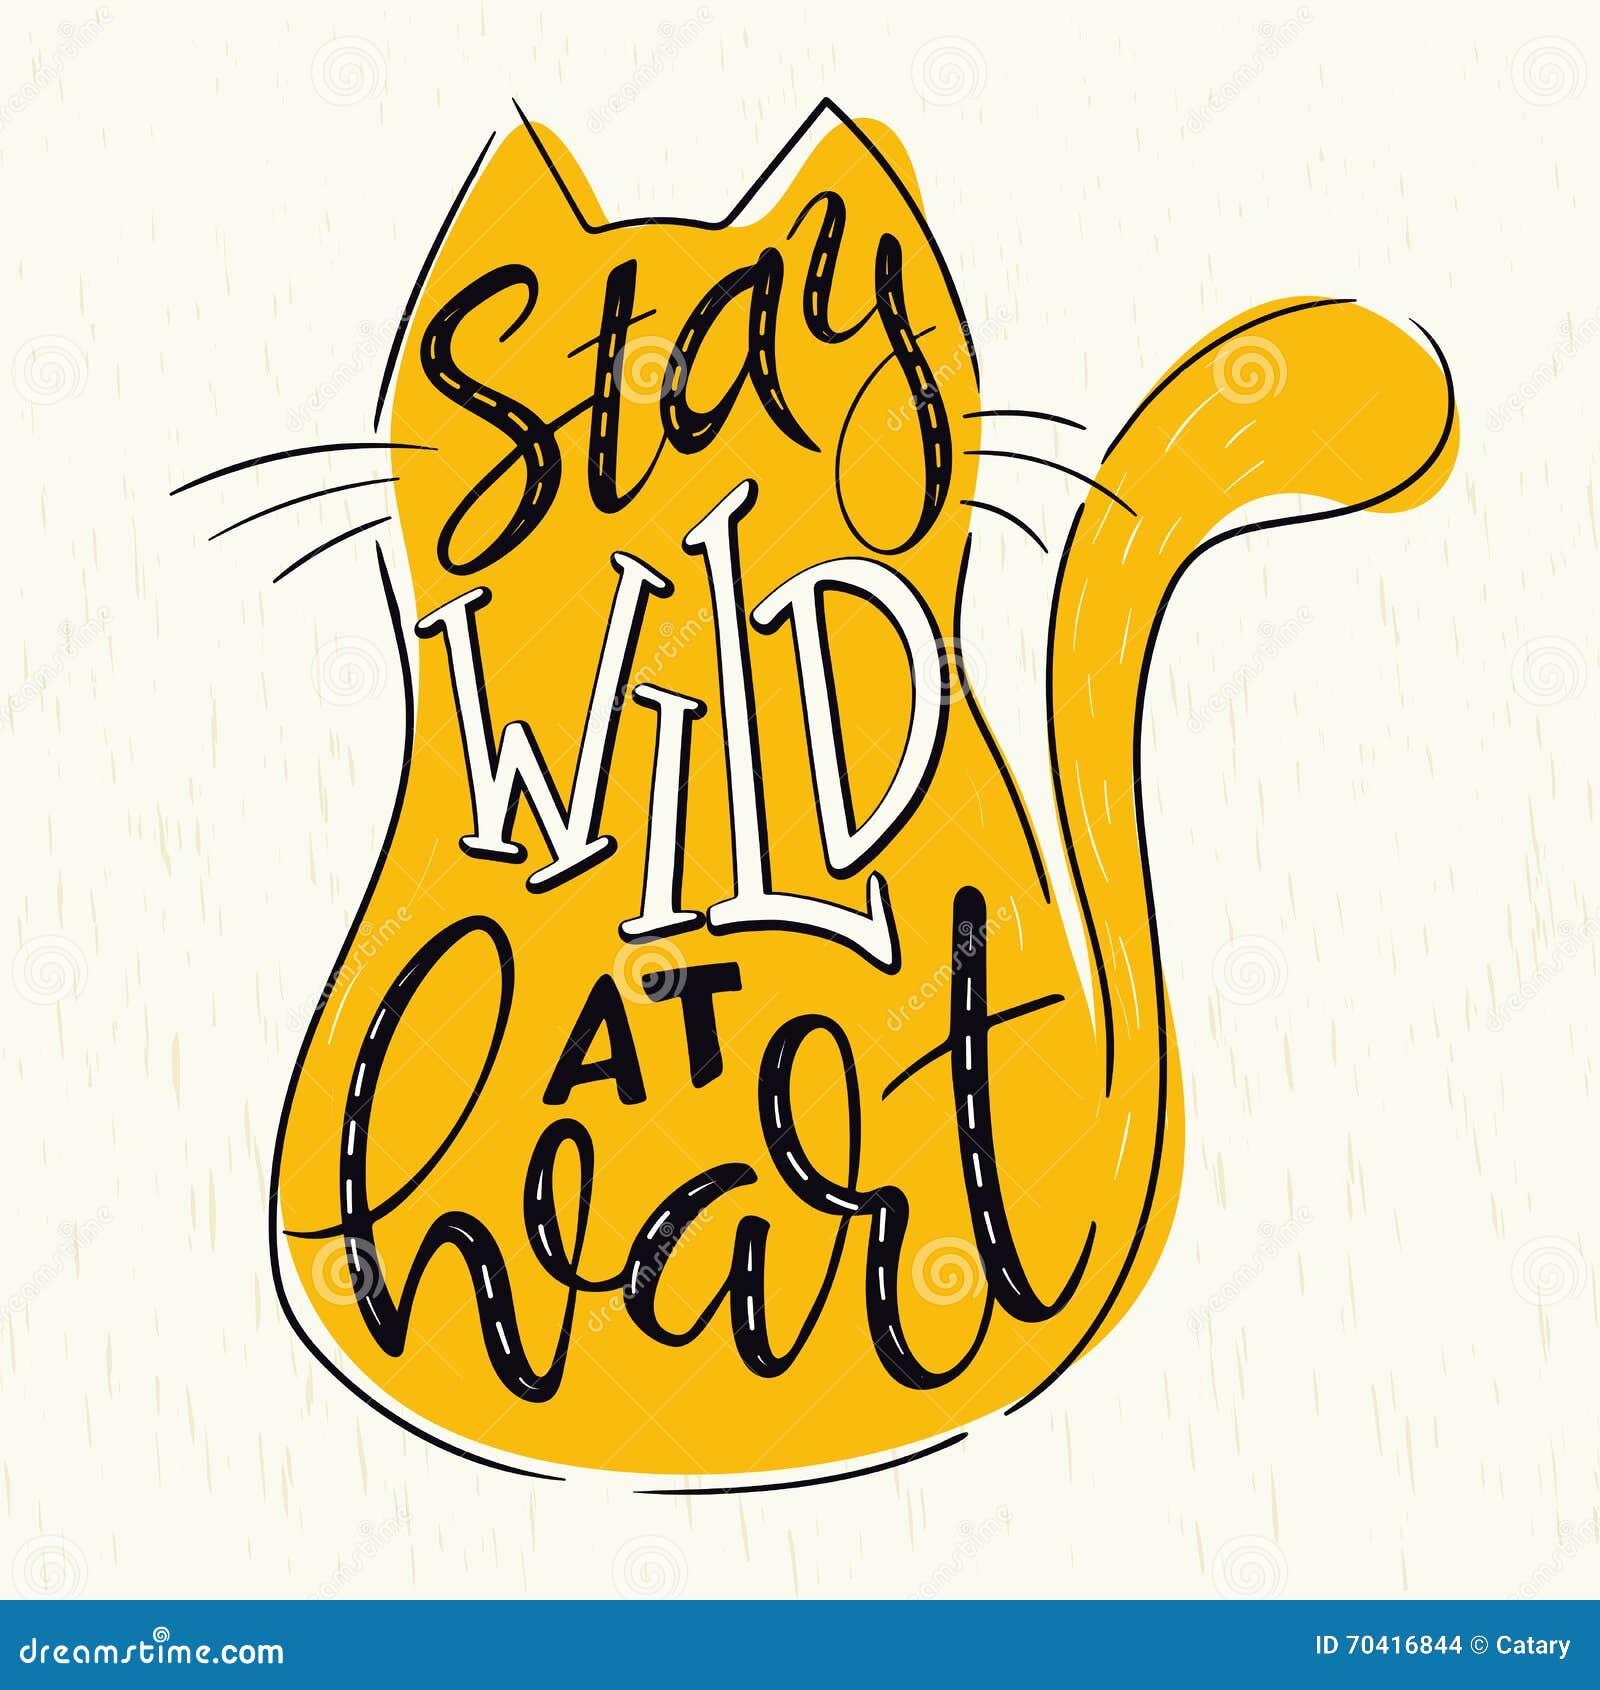 Cita de las letras de la mano del vector - permanezca salvaje en el corazón - en silueta del gato en fondo del grunge